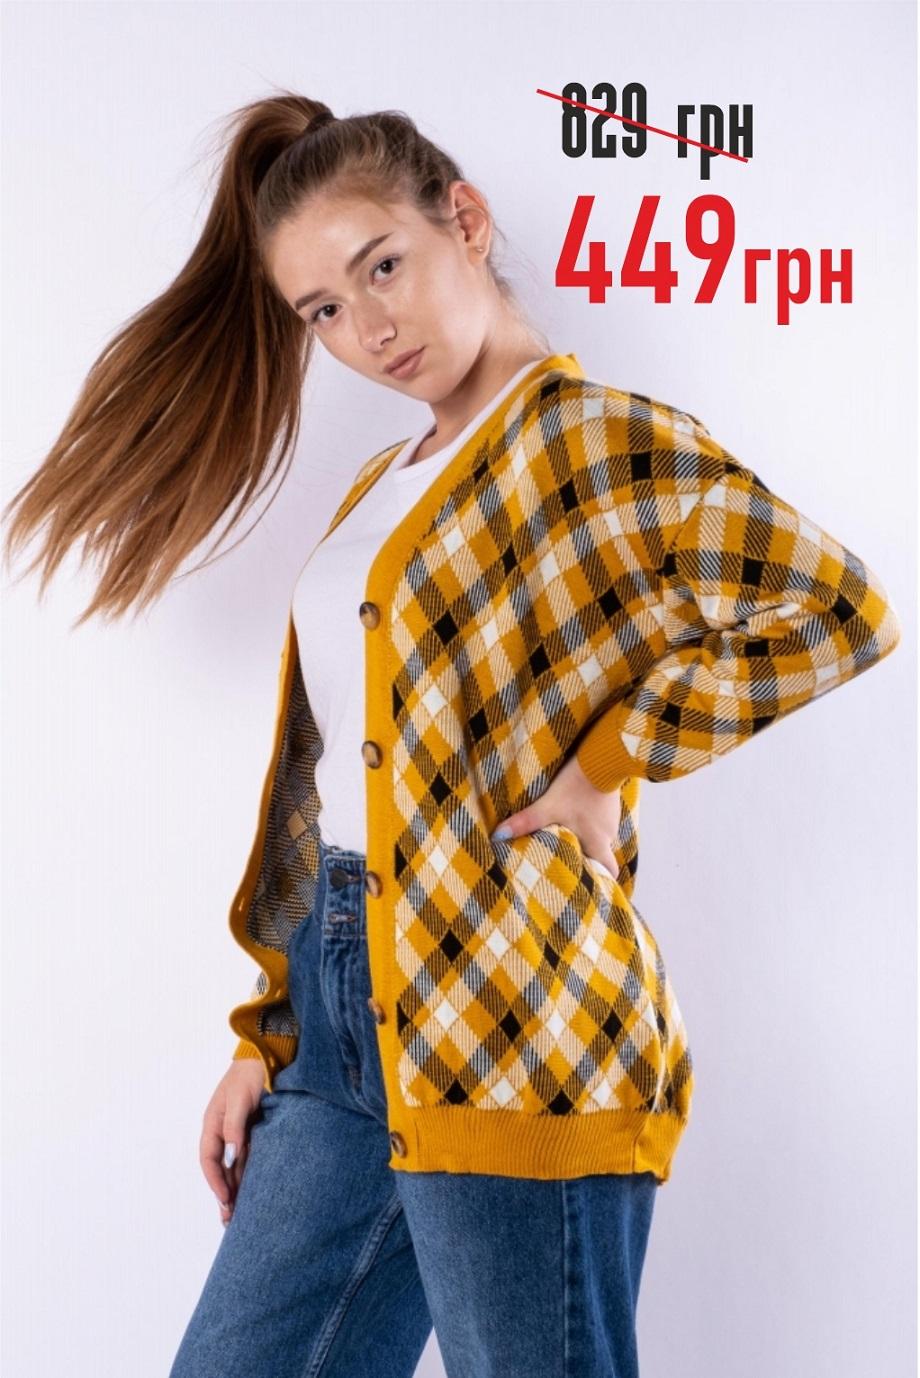 Кардиган женский - 449 грн